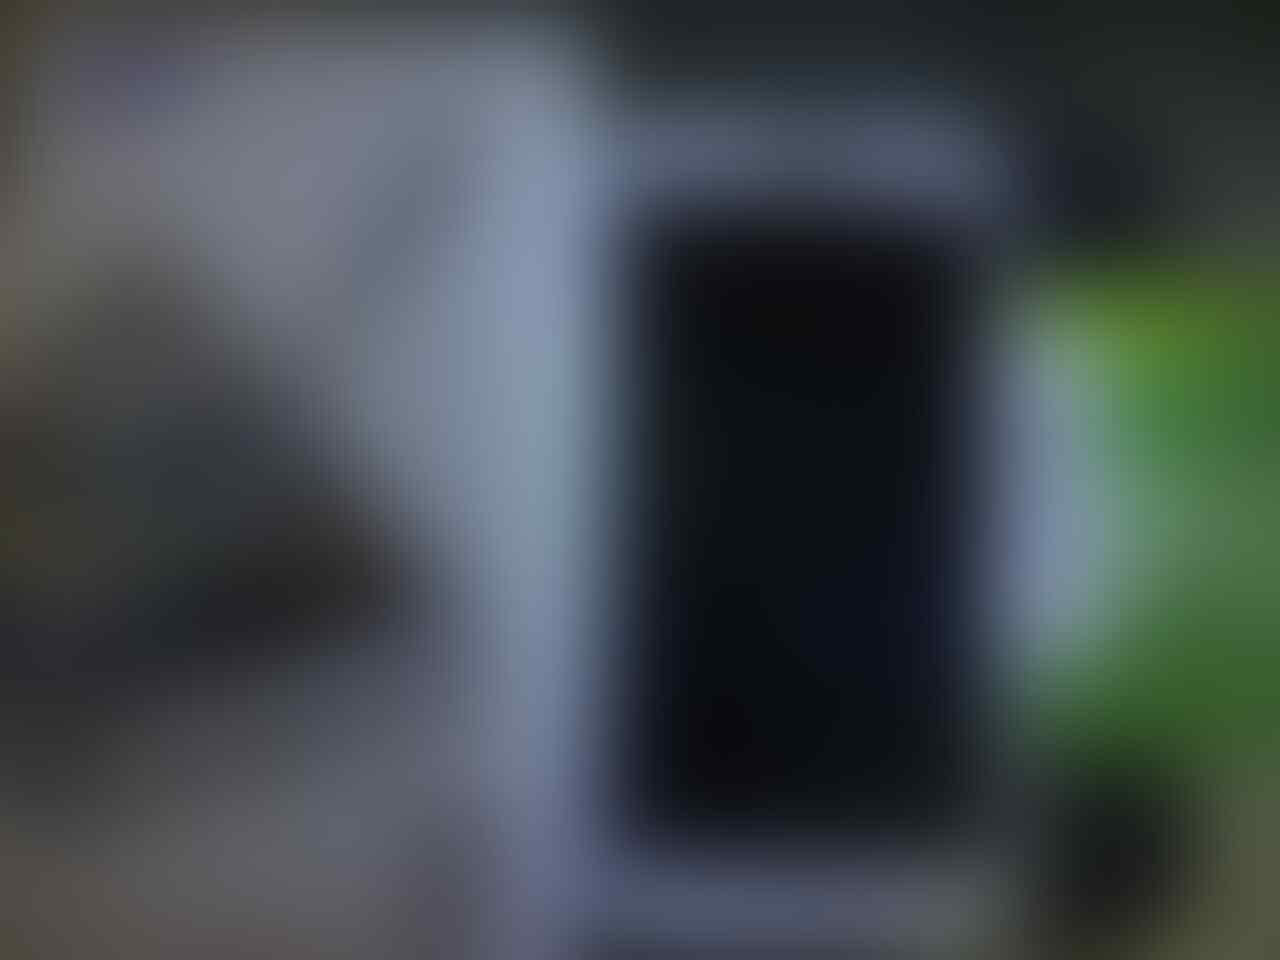 [JUAL] NOTE 2 N7100 WHITE 2 MINGGU PAKAI